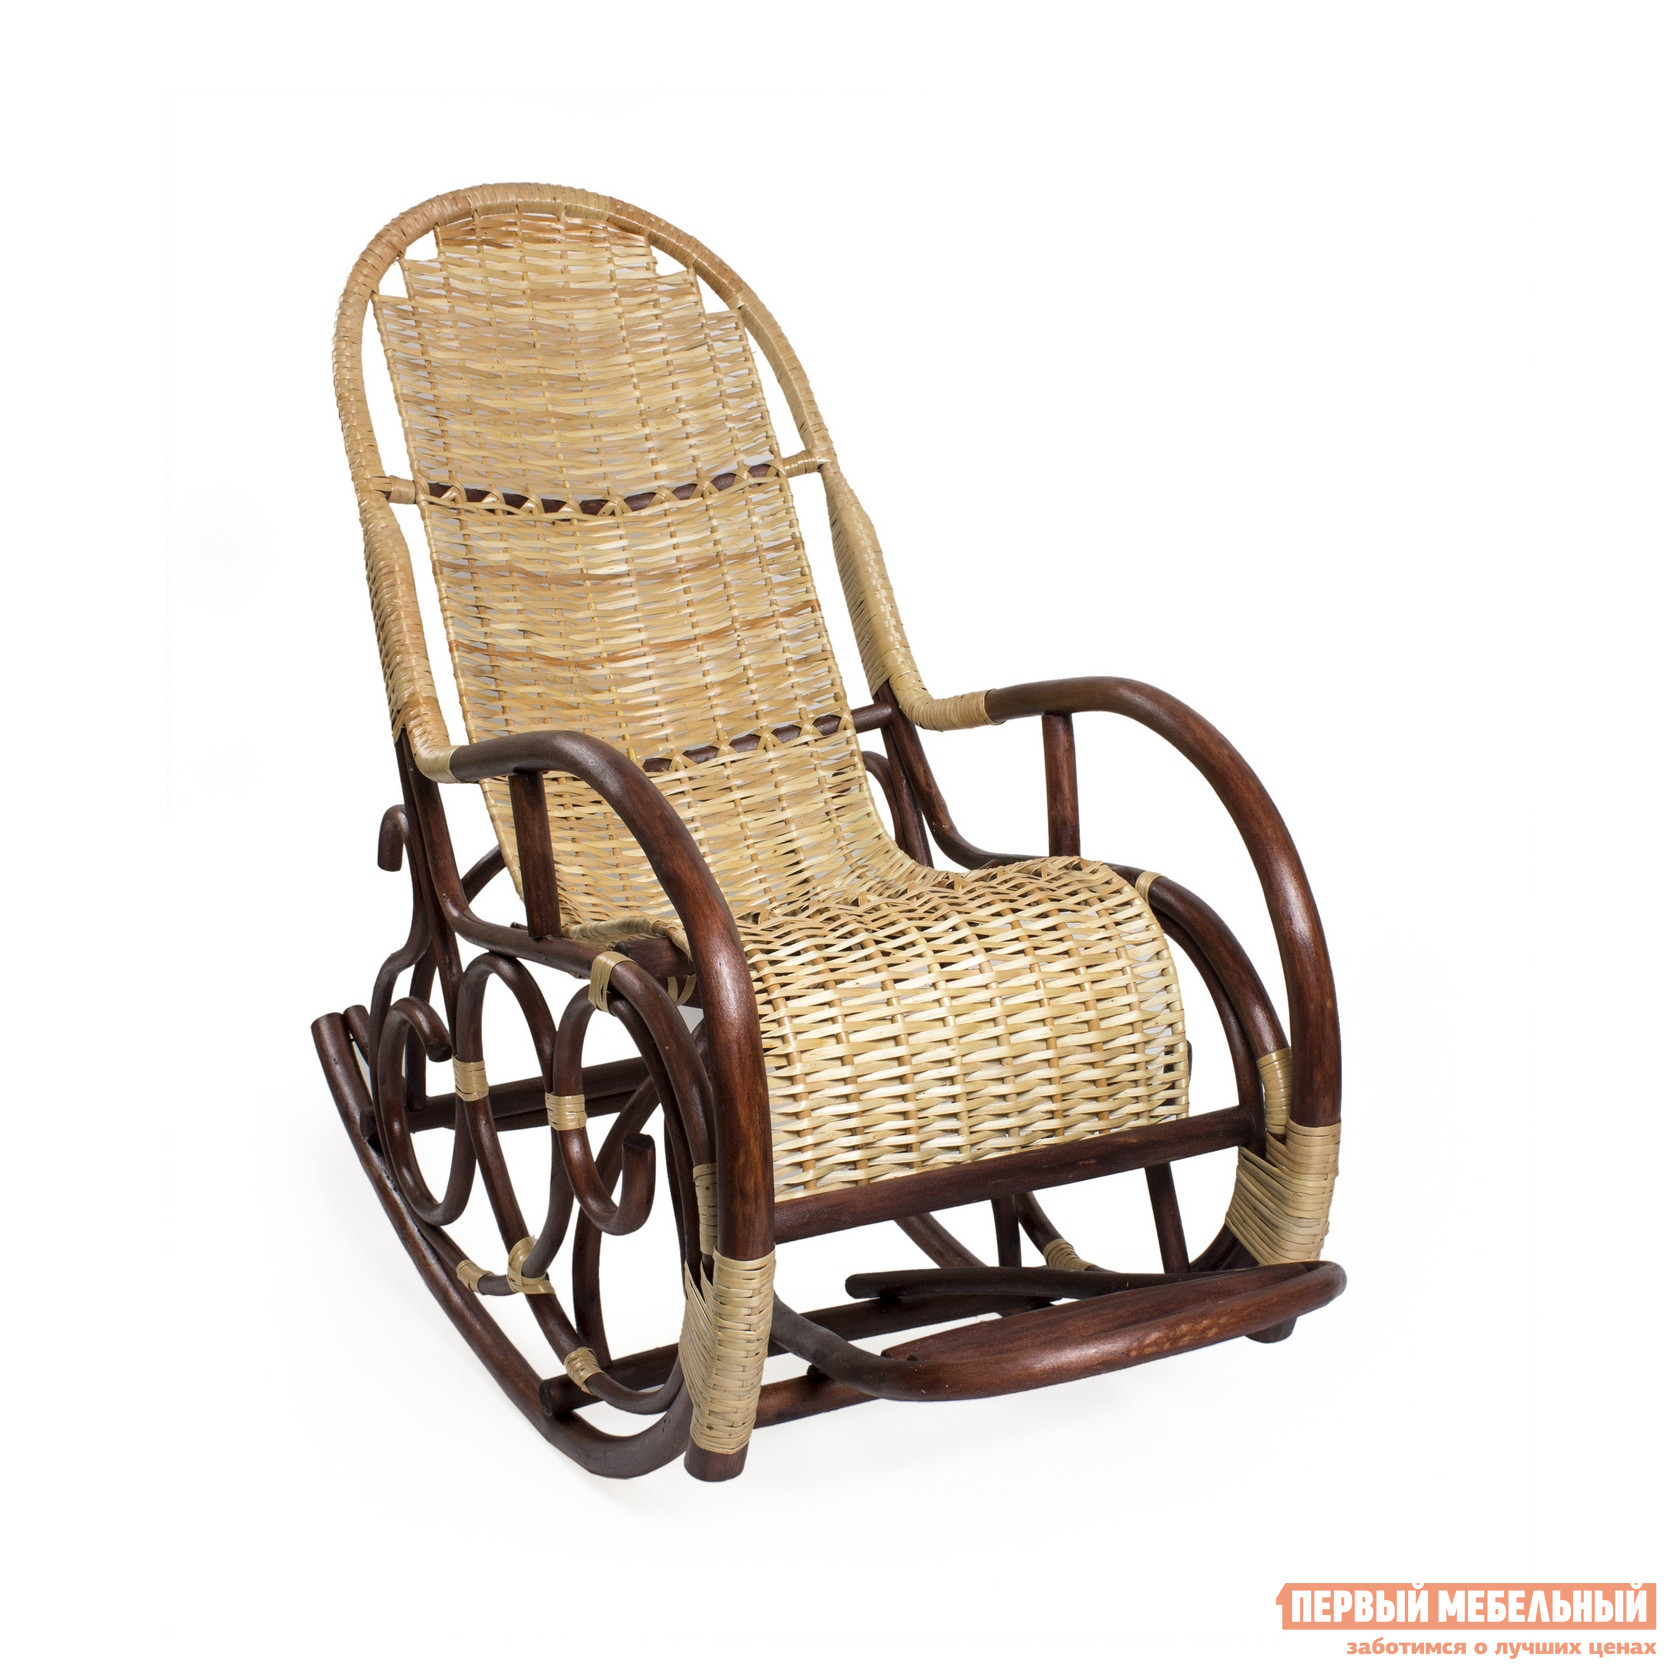 Кресло-качалка Мебель Импэкс Кресло-качалка Ведуга Орех / Светлая лоза от Купистол